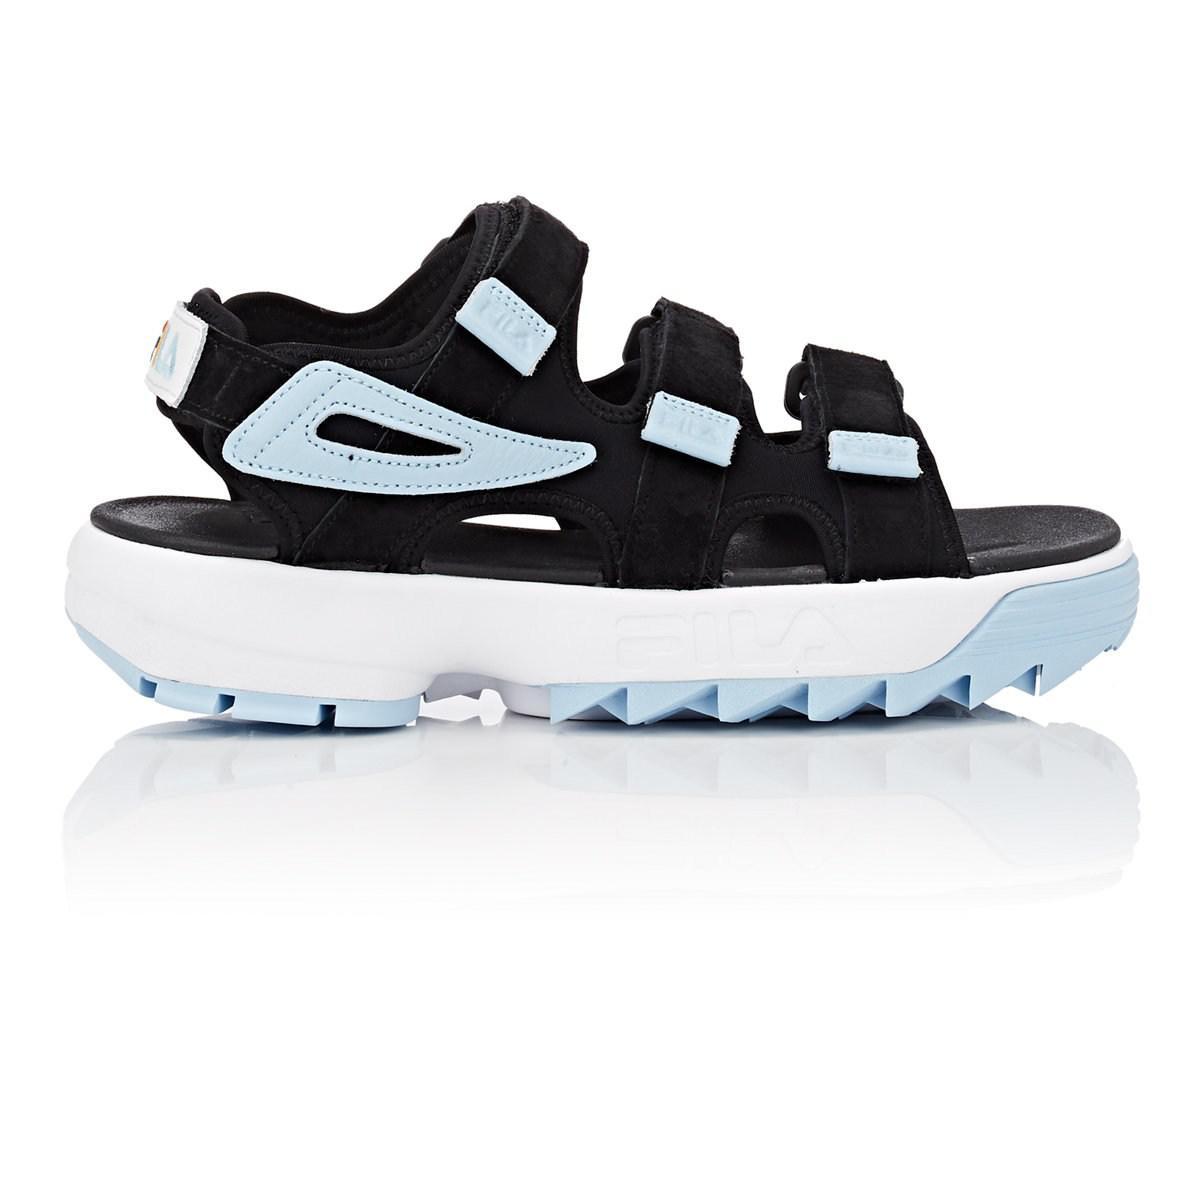 a4131e10529 Lyst - Fila Disruptor Suede   Neoprene Sandals in Black